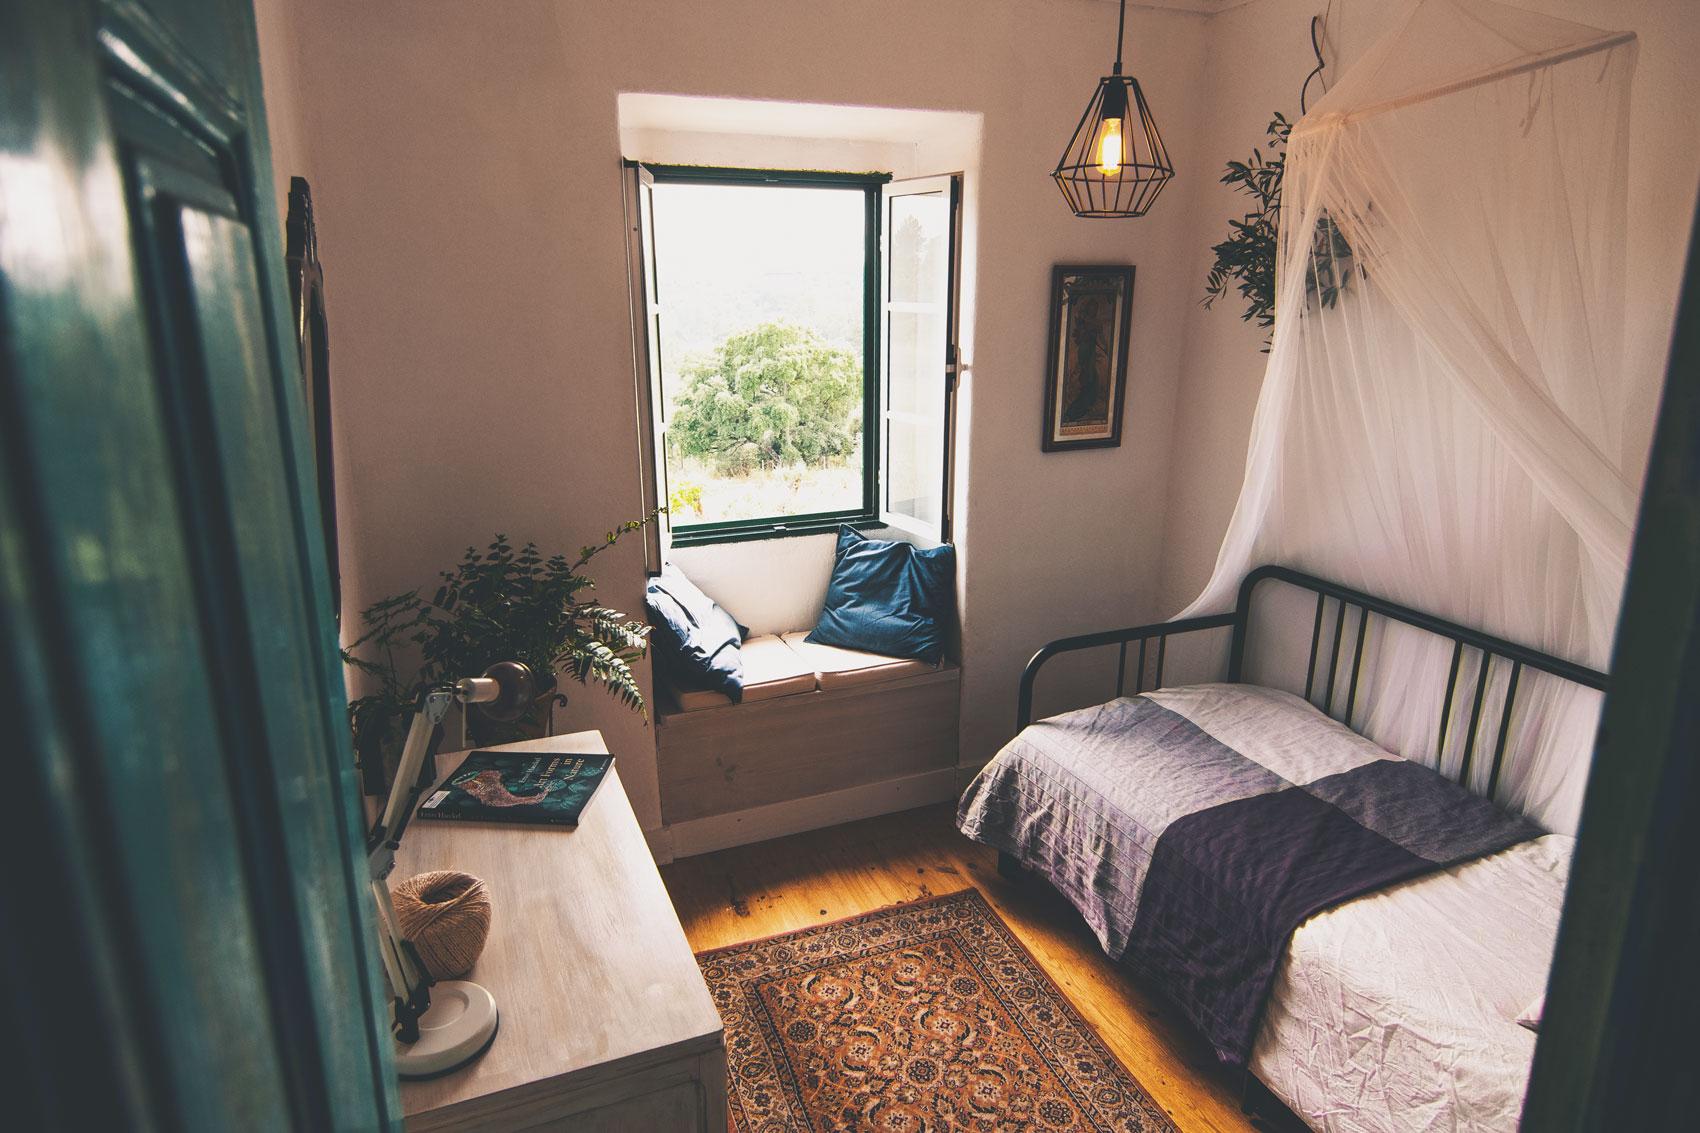 judah room 72.jpg